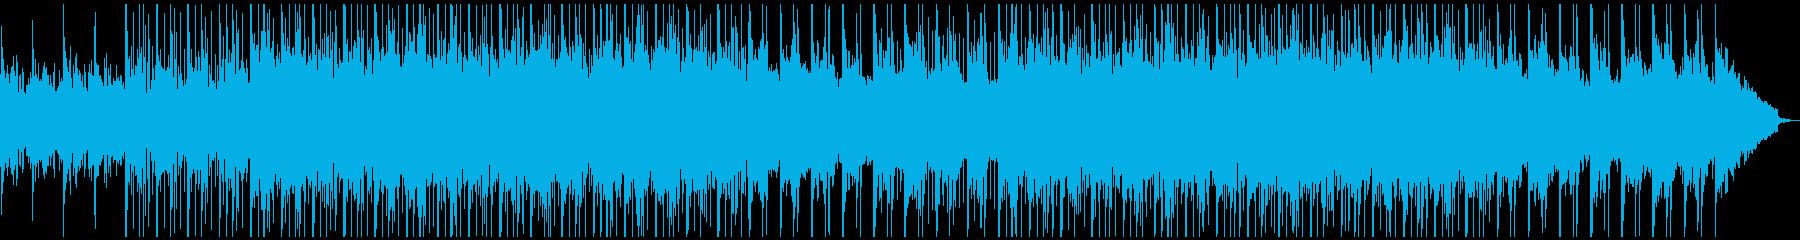 クールでスタイリッシュ_ビジネスBGMの再生済みの波形